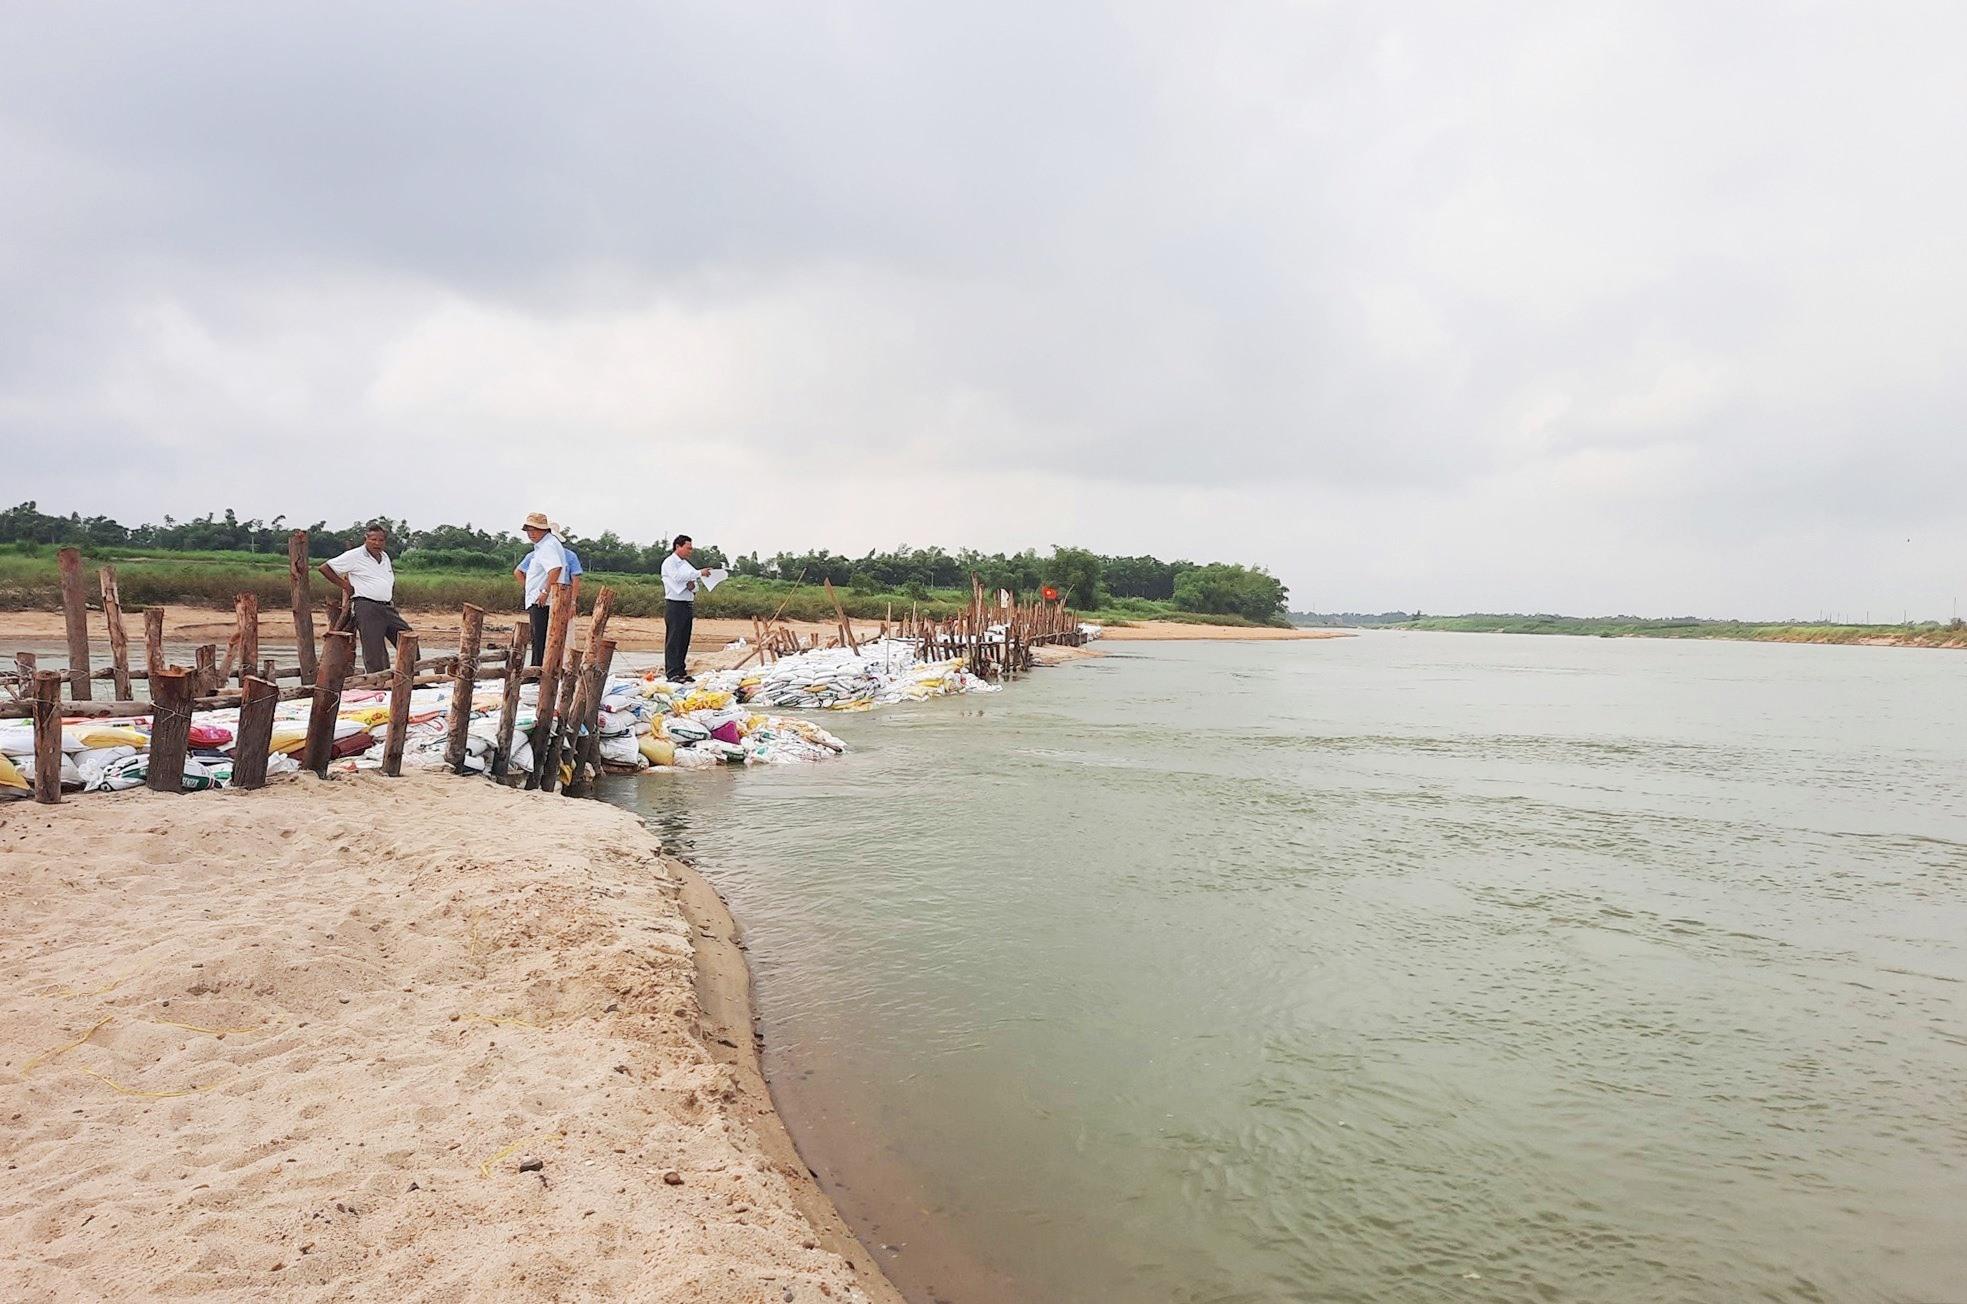 Việc đắp đập ngăn trên sông Quảng Huế gặp nhiều khó khăn do sức nước ở khu vực này rất lớn. Ảnh: HỒ QUÂN